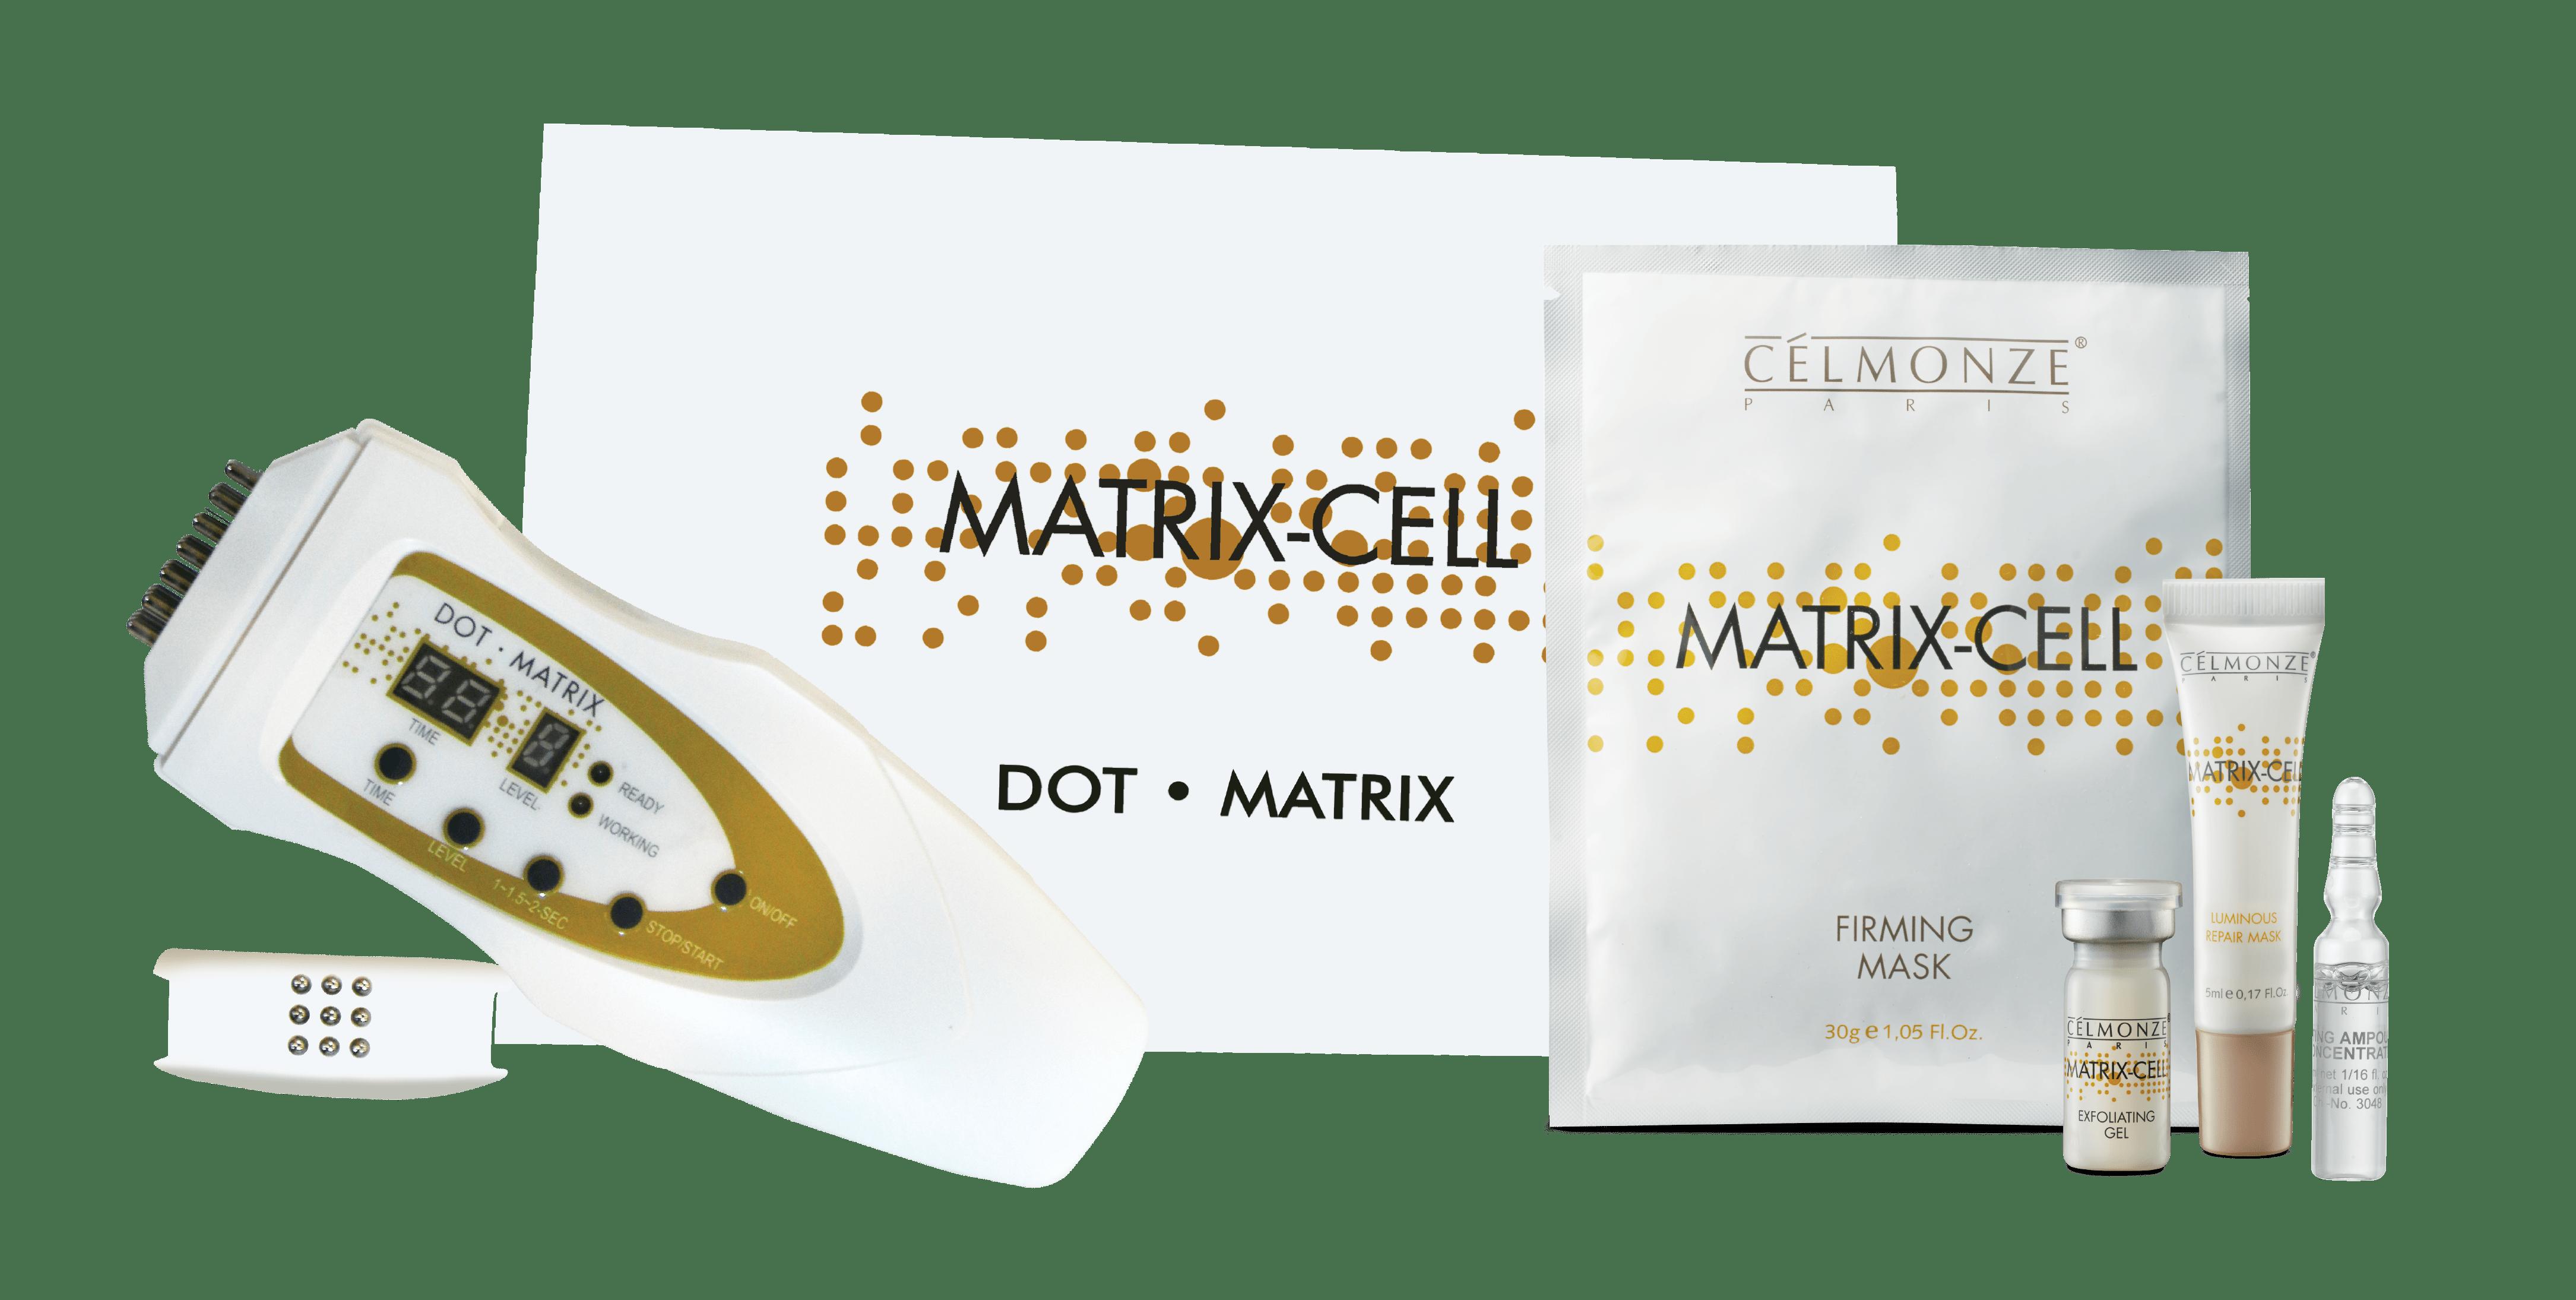 Matrix-Cell Face